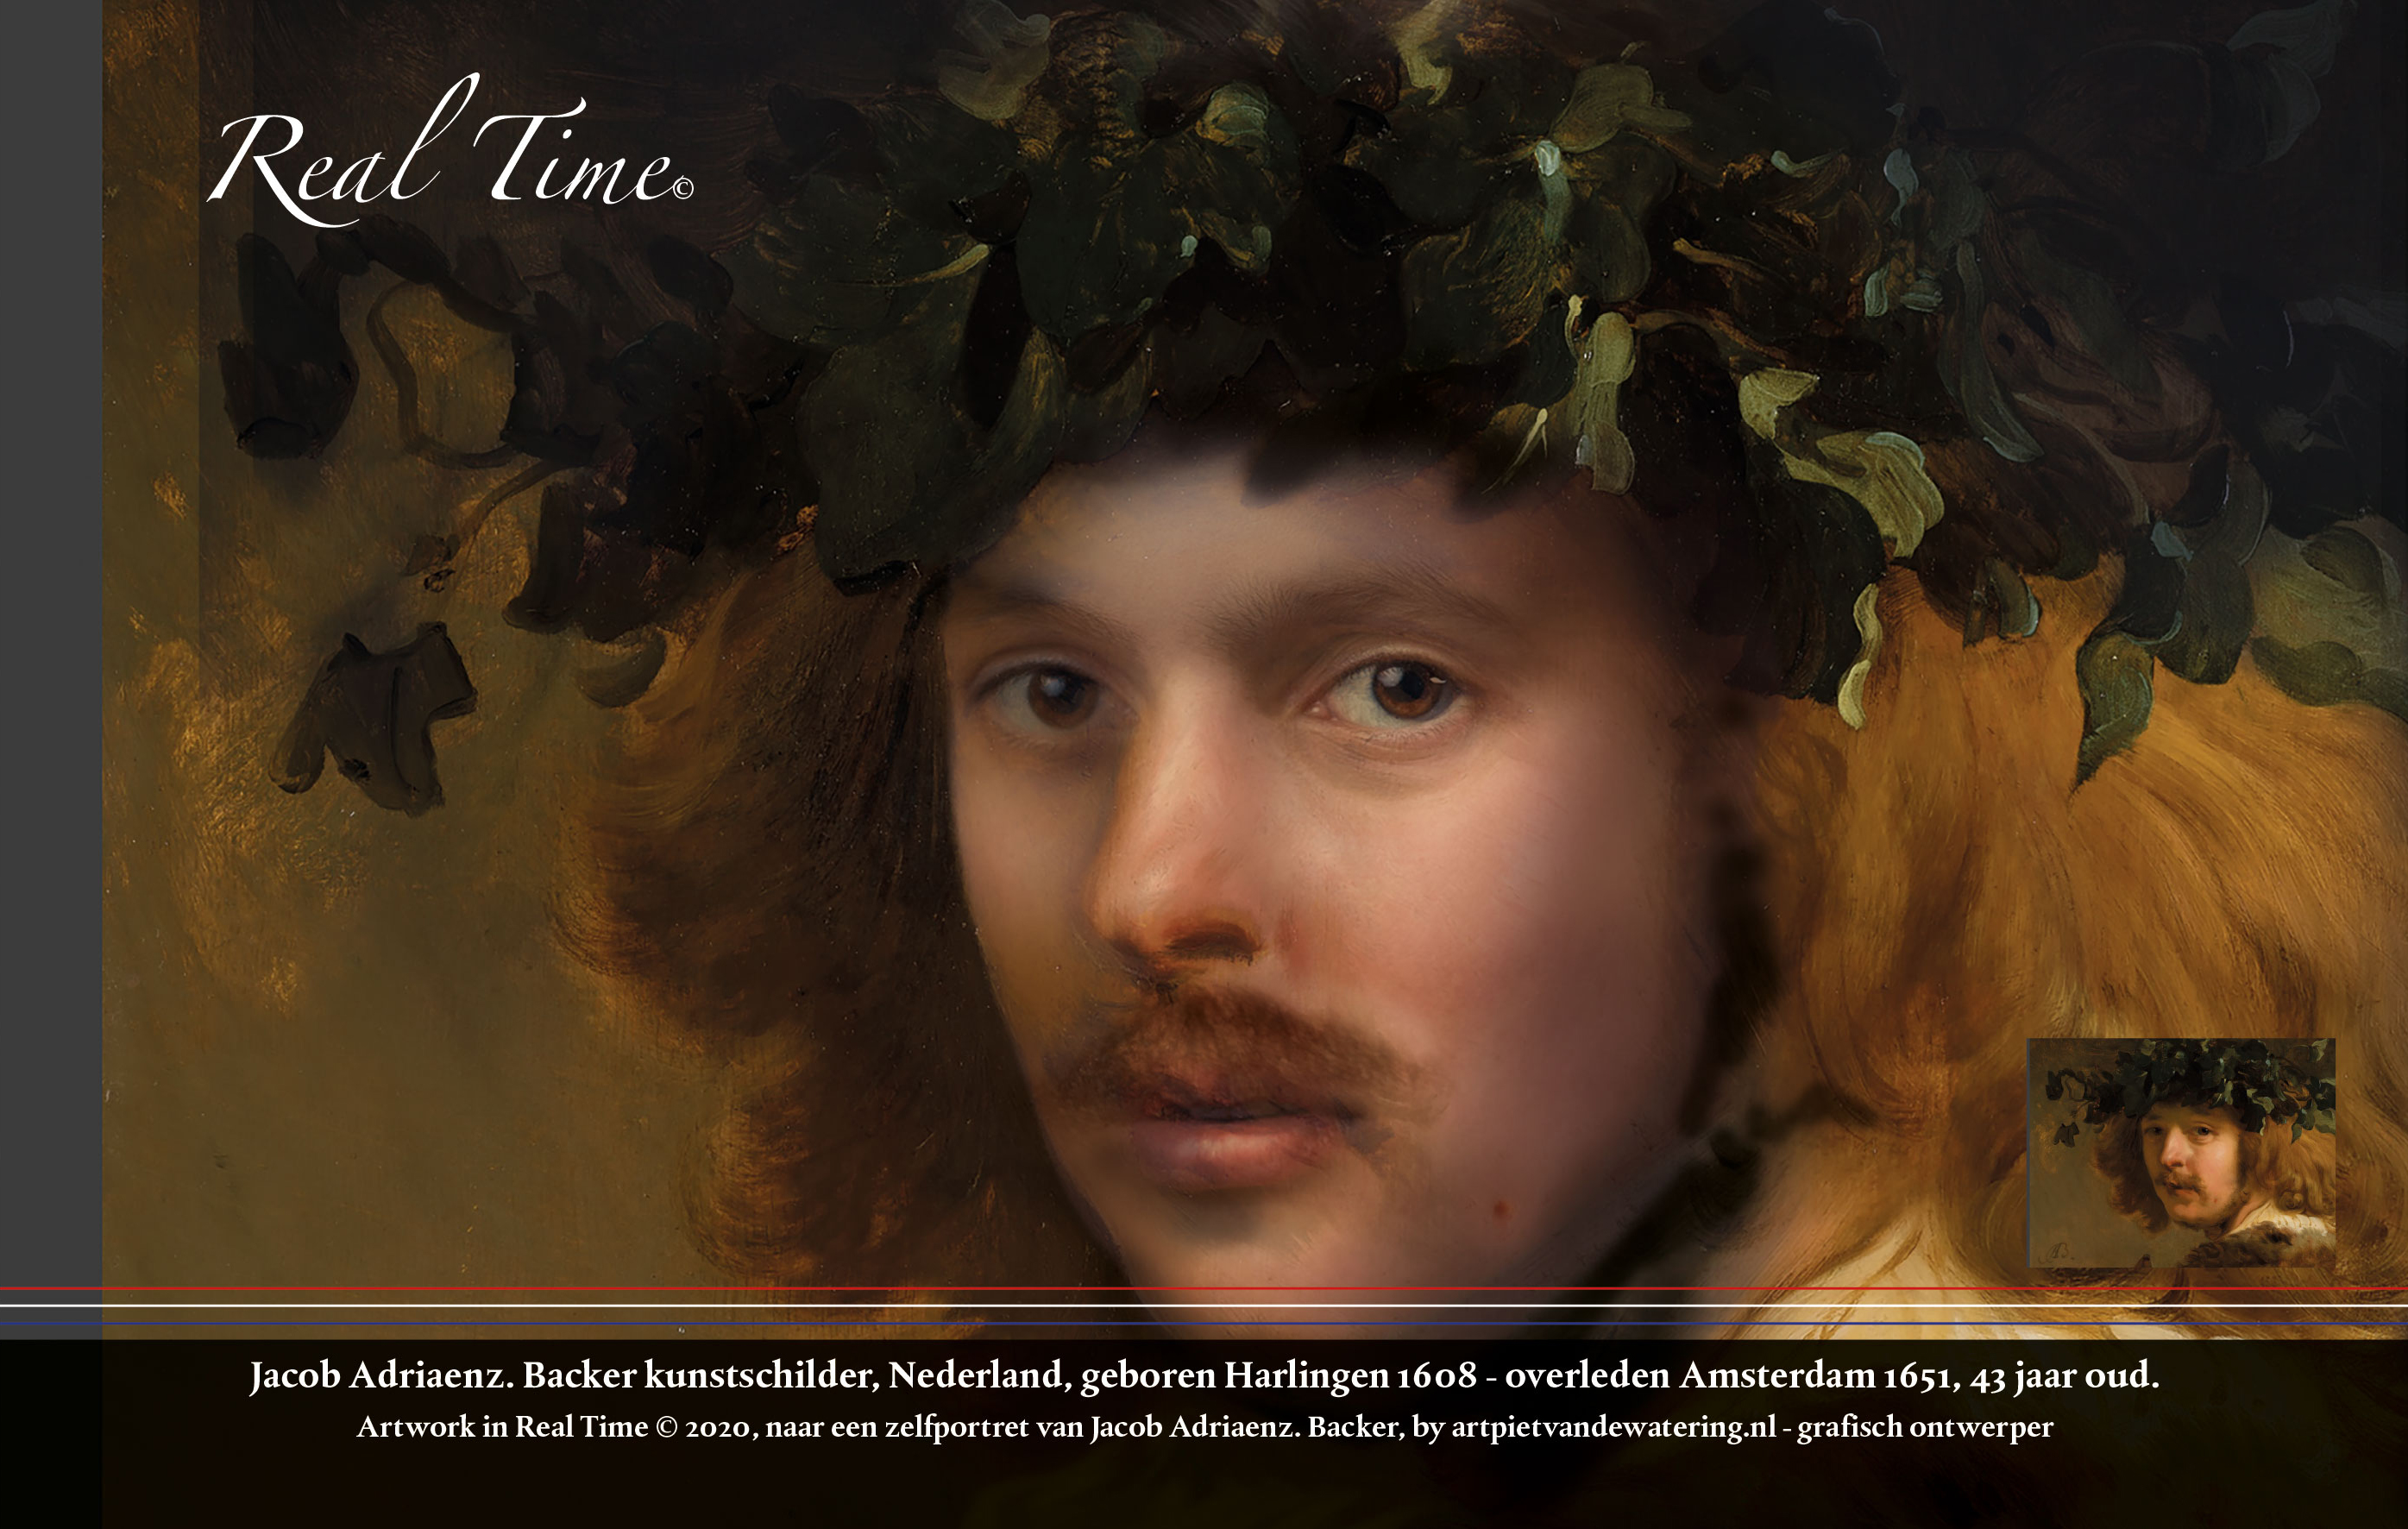 Jacob-Adrz-Backer-1608-1651